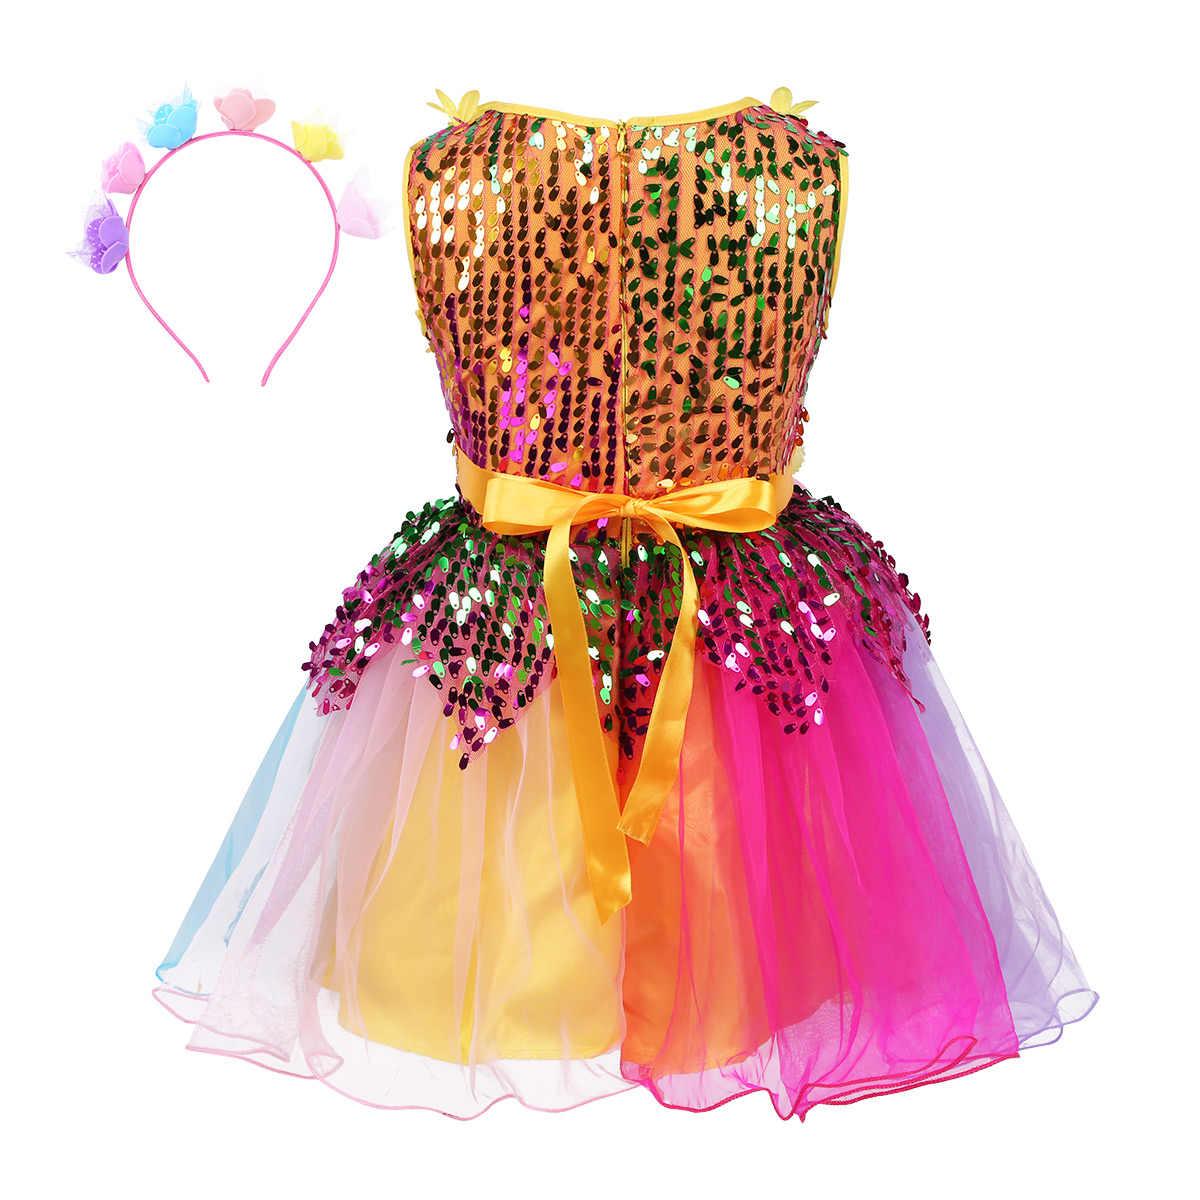 Балетное платье для девочек, детское танцевальное платье, Детские балетные костюмы с блестками, Тюлевое платье с обручем для волос, современный танцевальный костюм для девочек